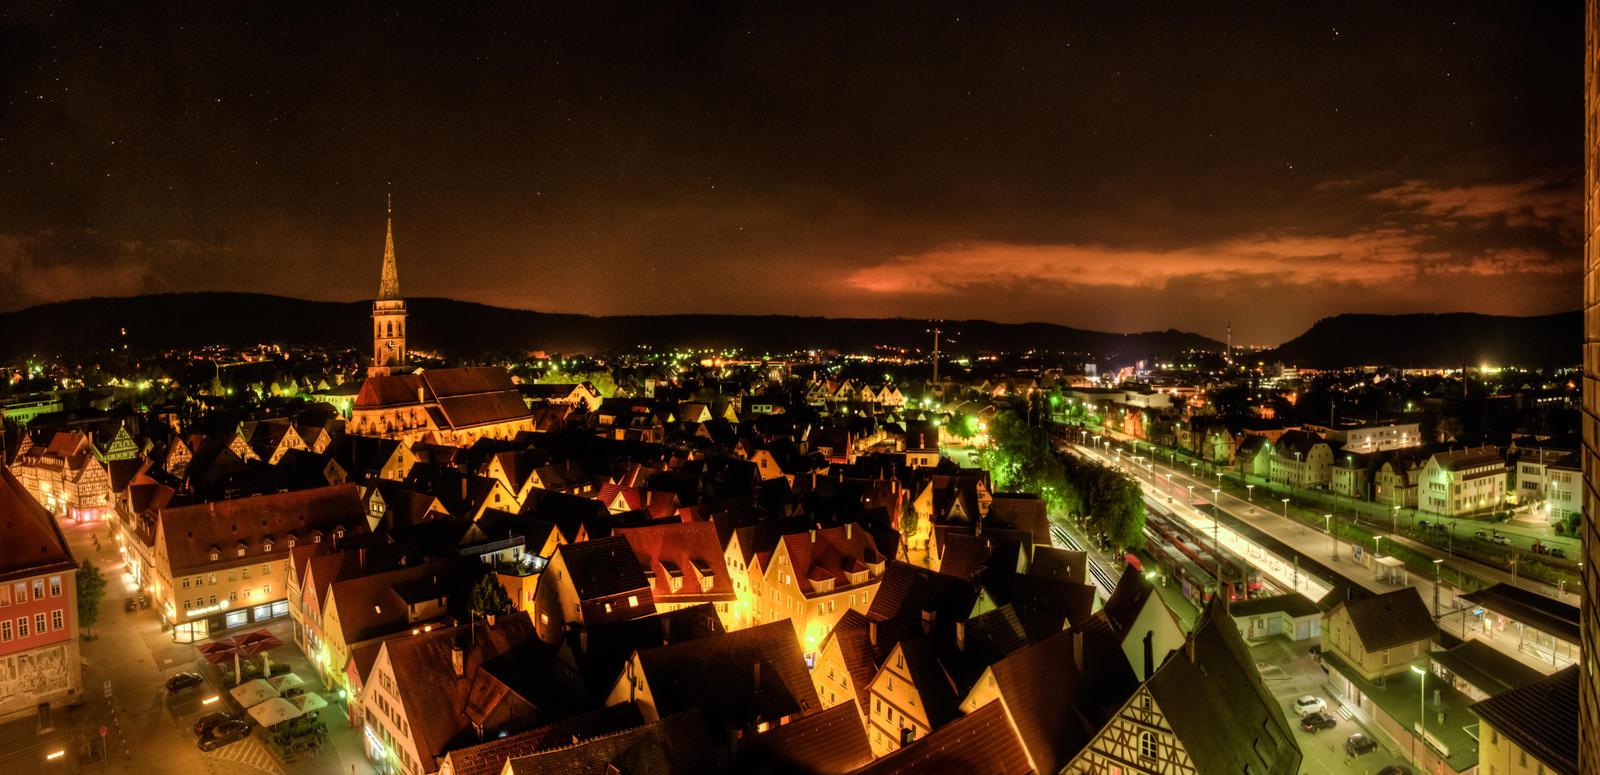 Schorndorf at night by wulfman65